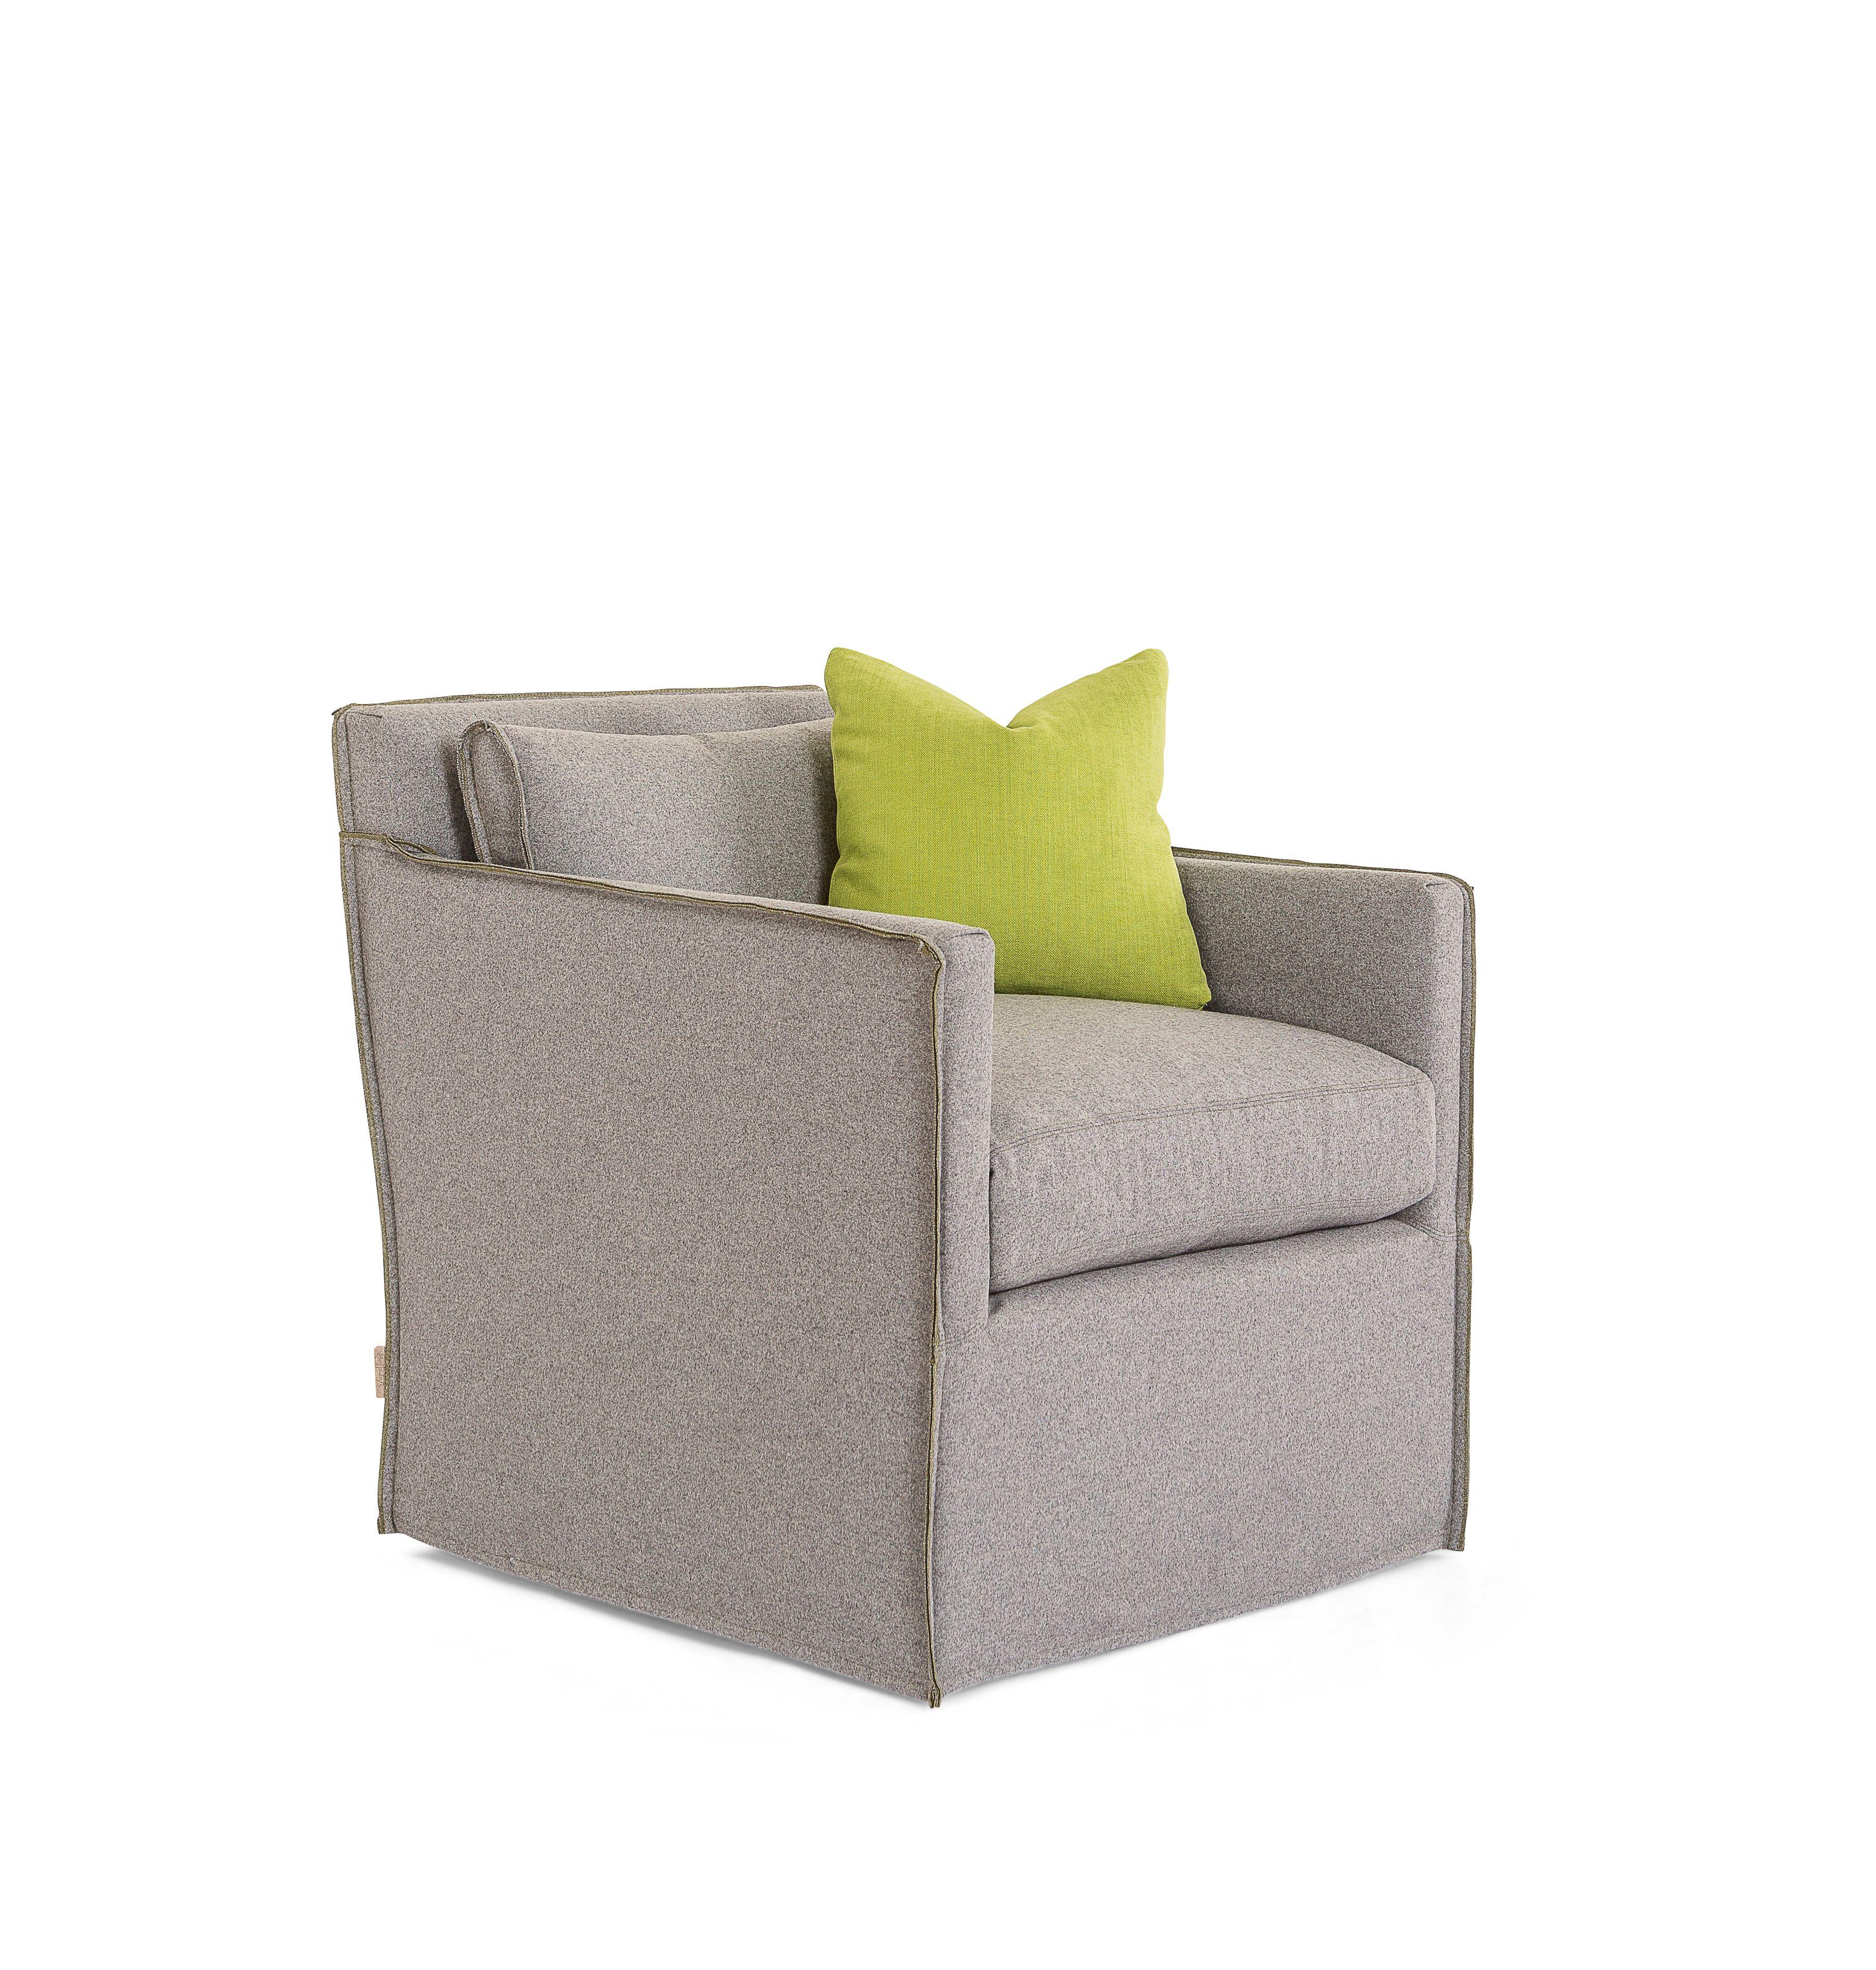 Jan Swivel Chair In Buzzi Felt From Verellen Upholstered Swivel